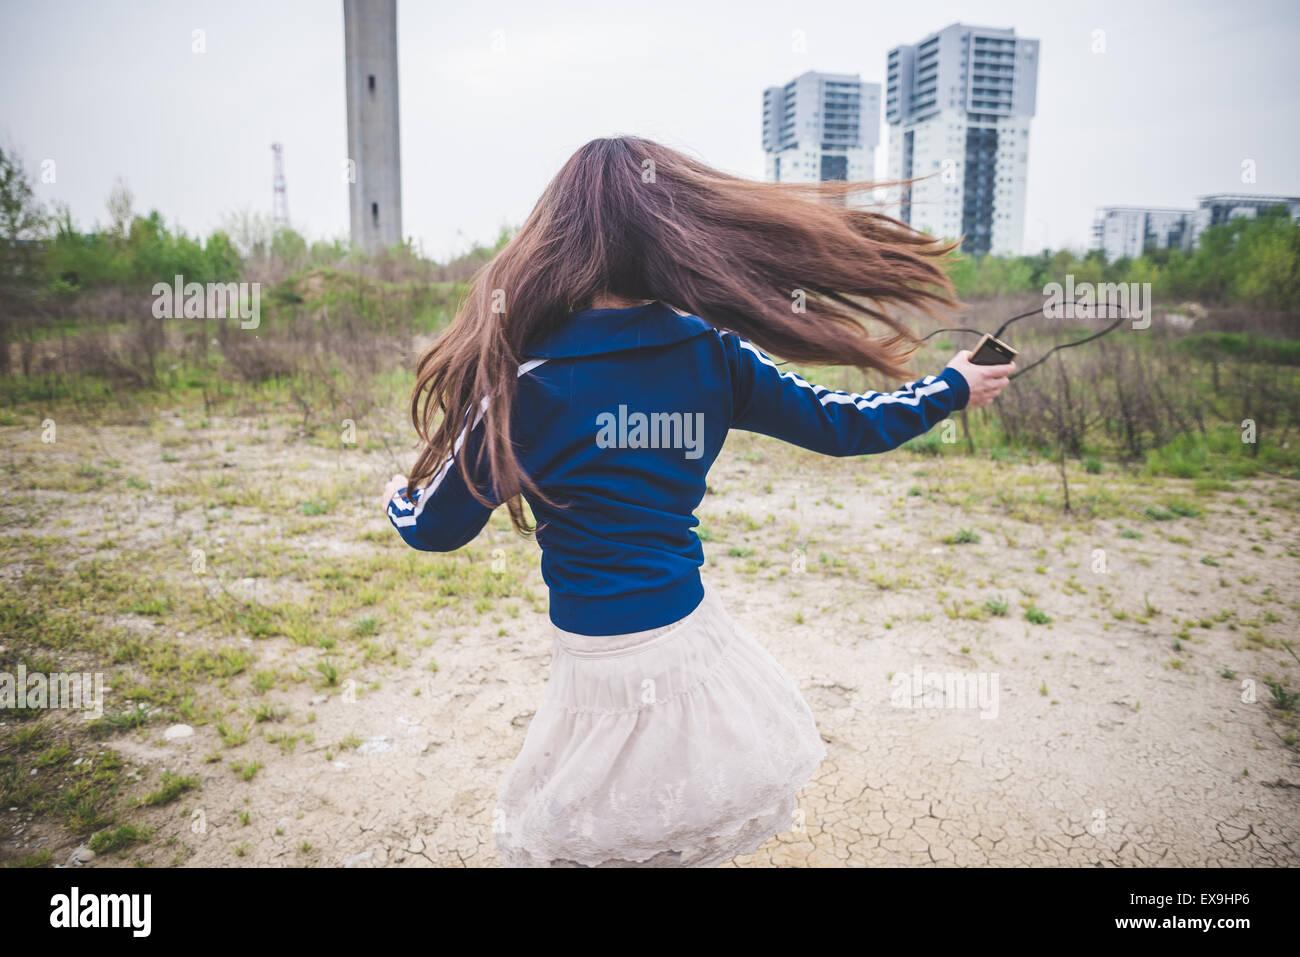 Bella donna dancing in un desolato paesaggio lurban Immagini Stock